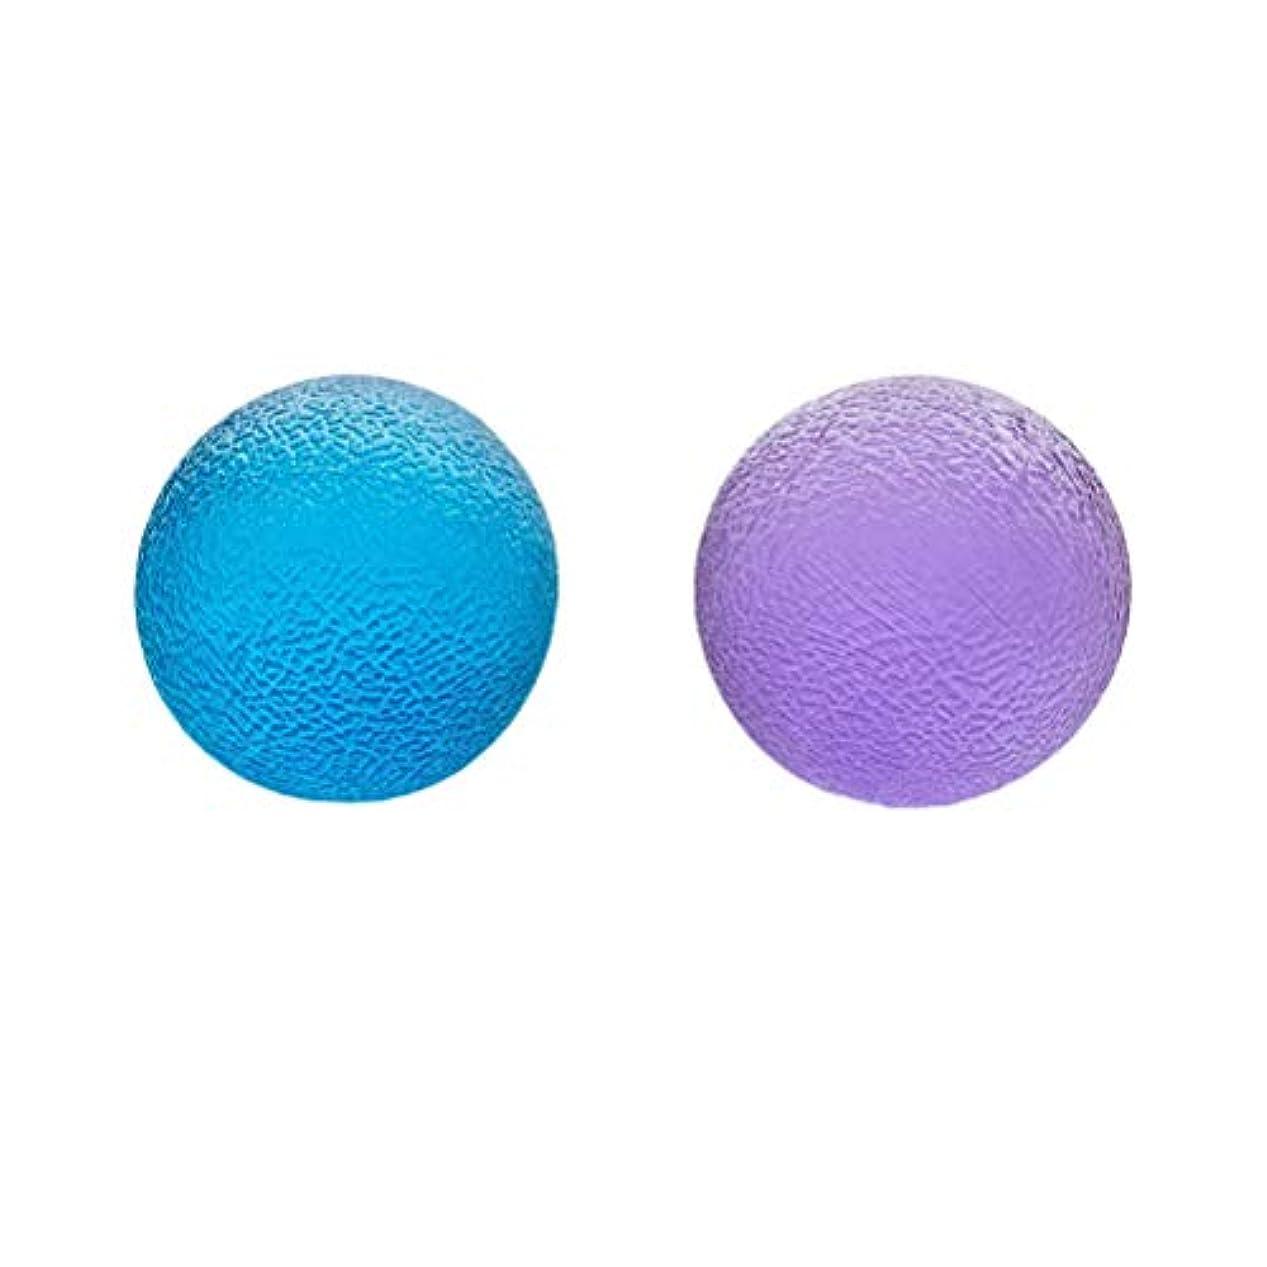 雑種脚本家立ち向かうHealifty ハンドストレスボールセラピーボールストレス解消のためにハンドグリップボールを絞る関節炎の痛みを軽減するセラピー強化治療2個(青と紫)